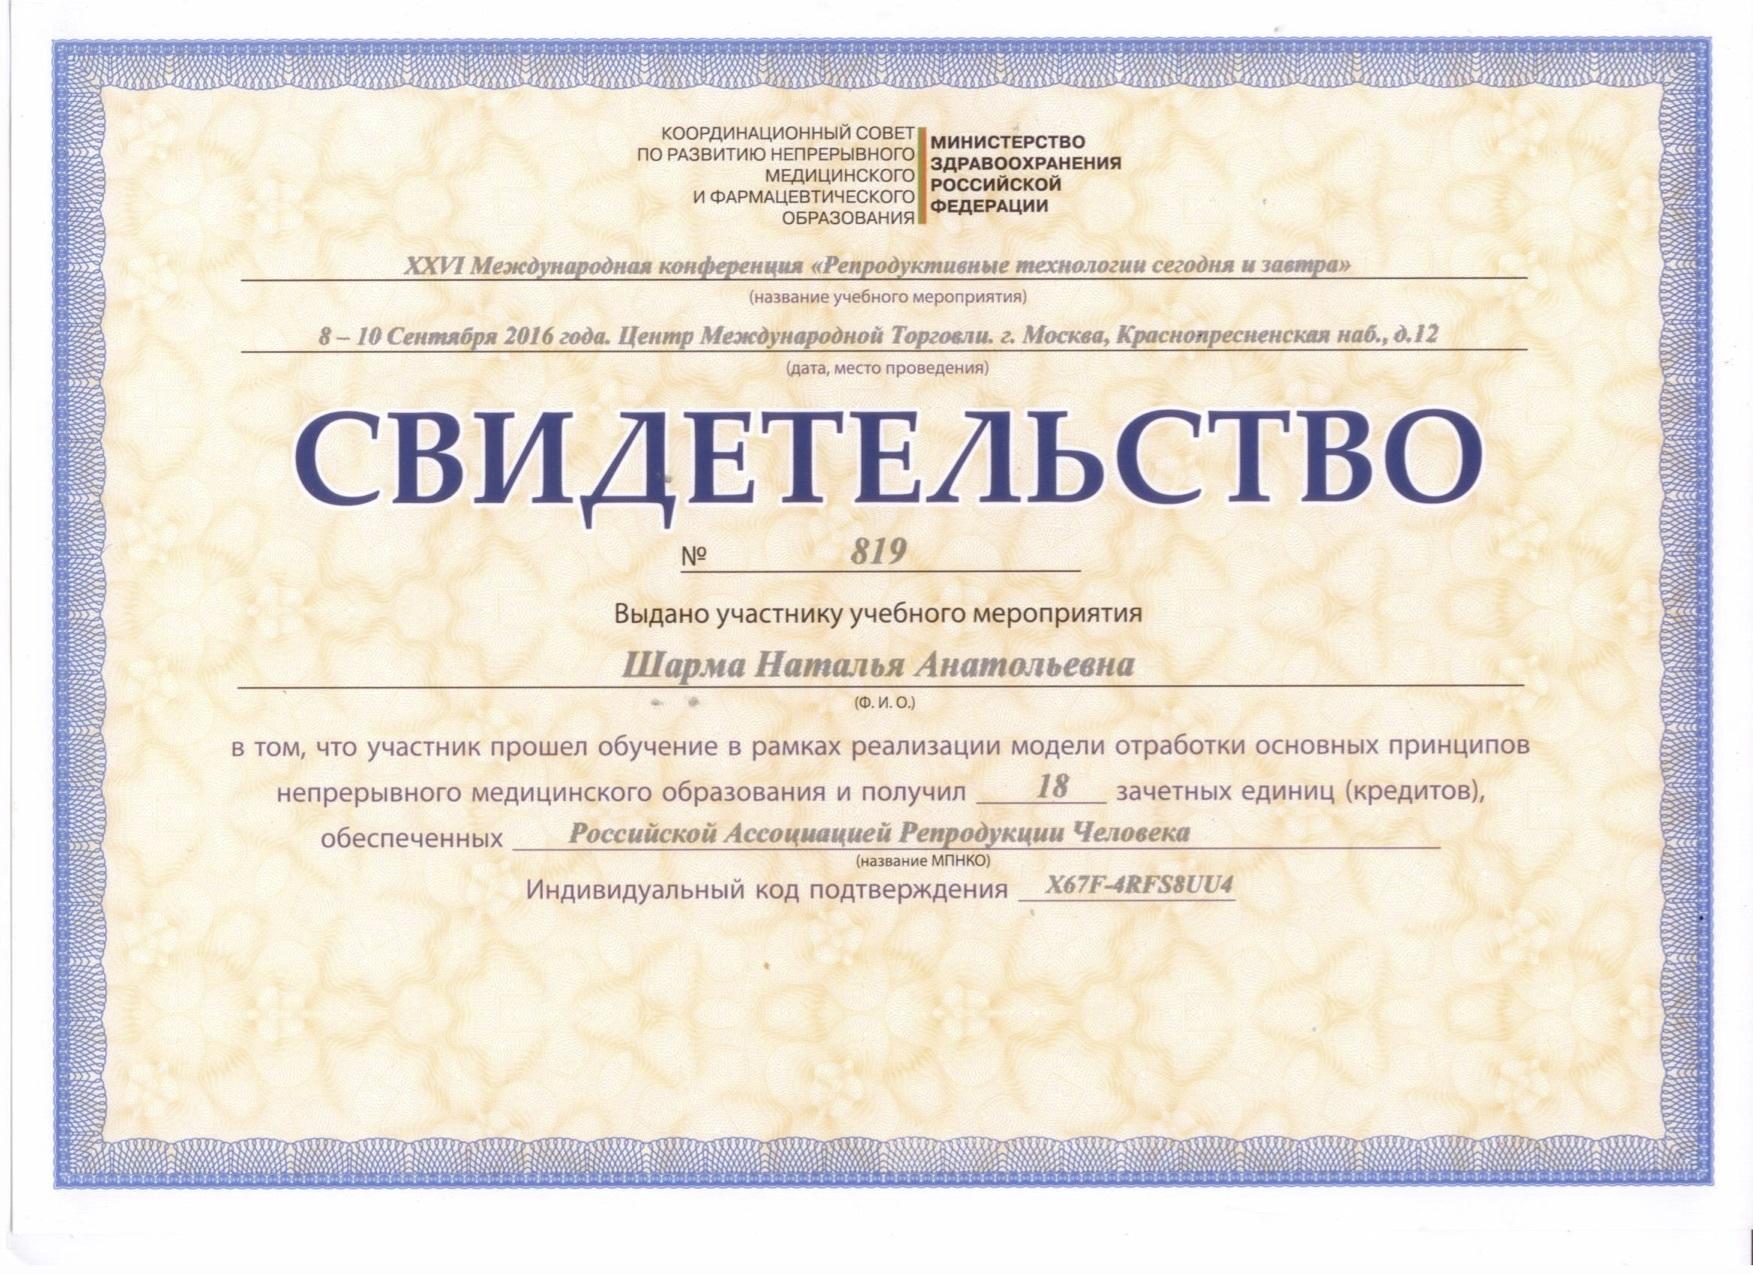 Шарма Наталья Анатольевна